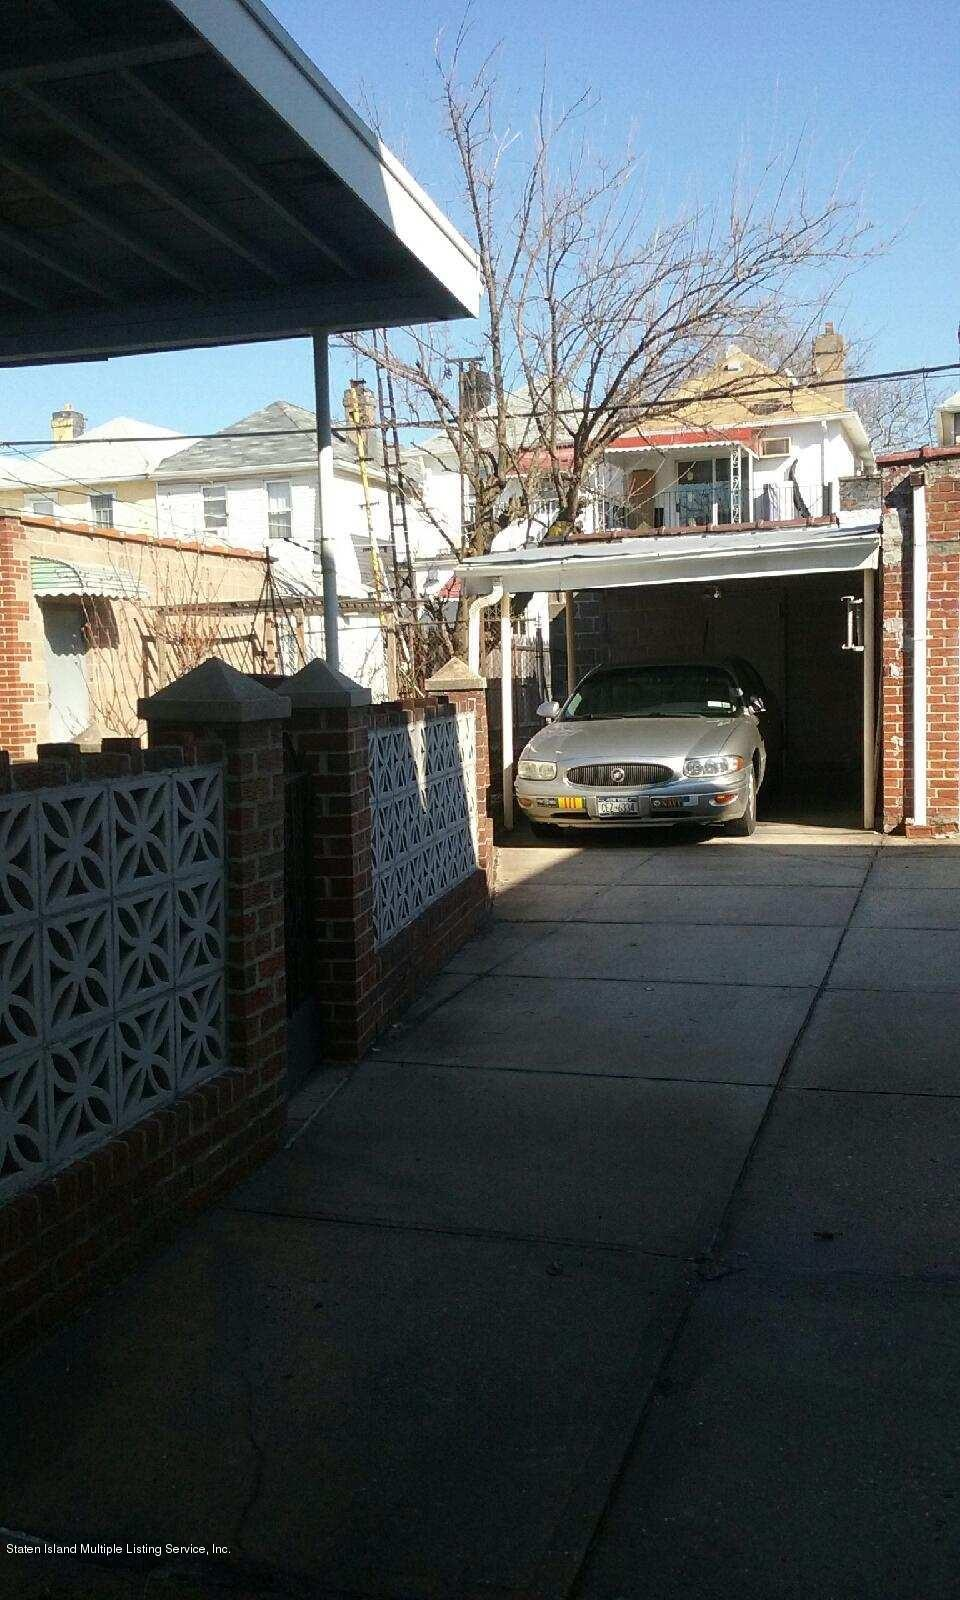 Single Family - Semi-Attached 2035 5th Street  Brooklyn, NY 11223, MLS-1117214-4